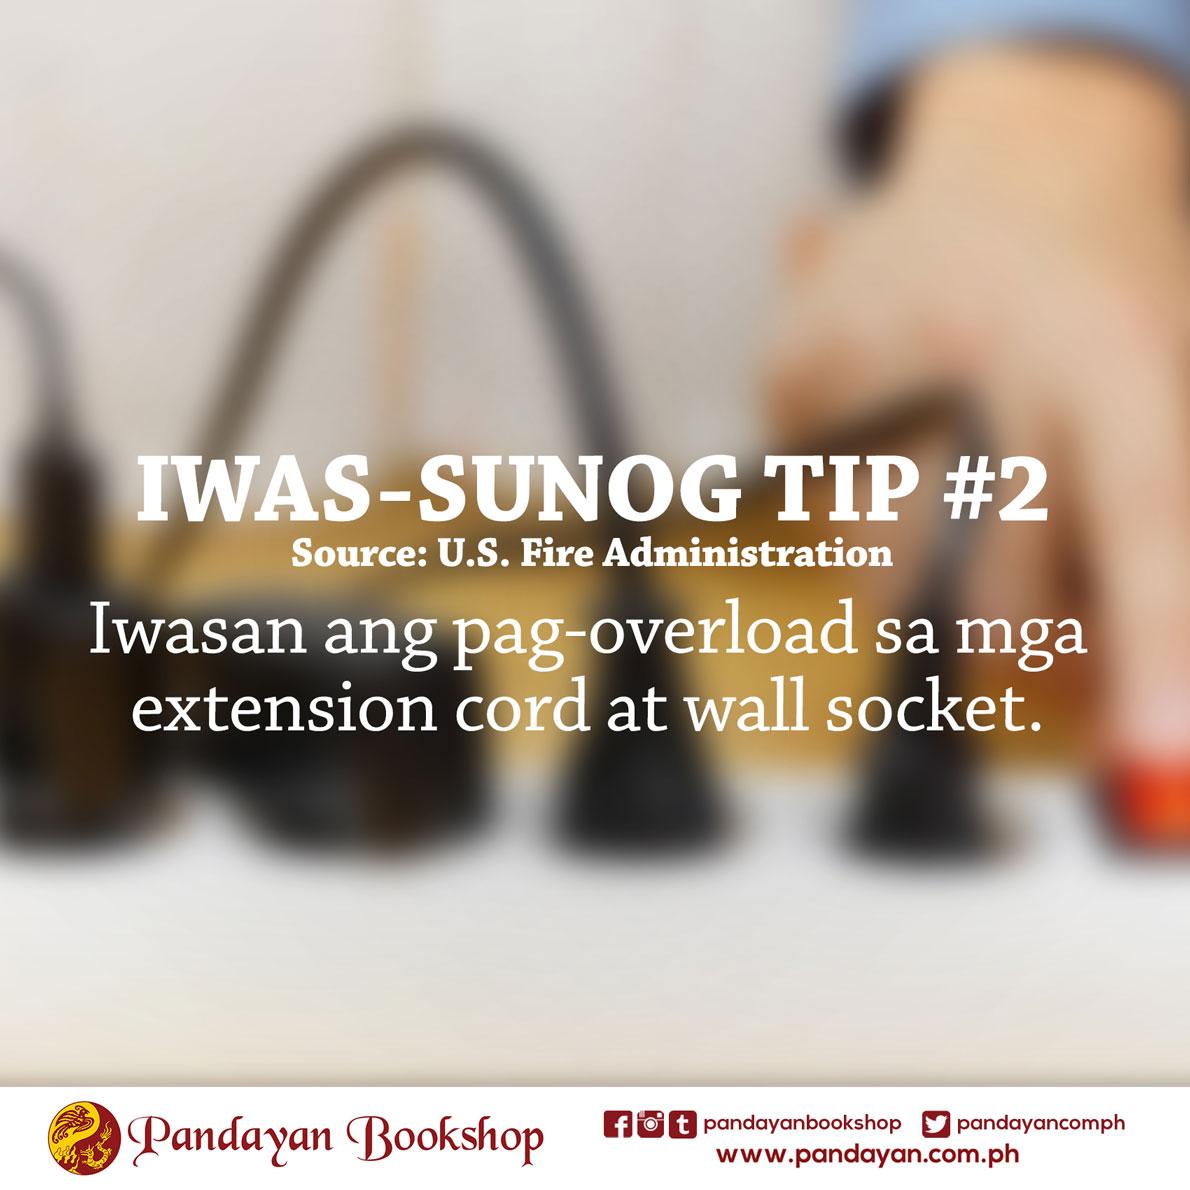 iwas-sunog-tip-#2